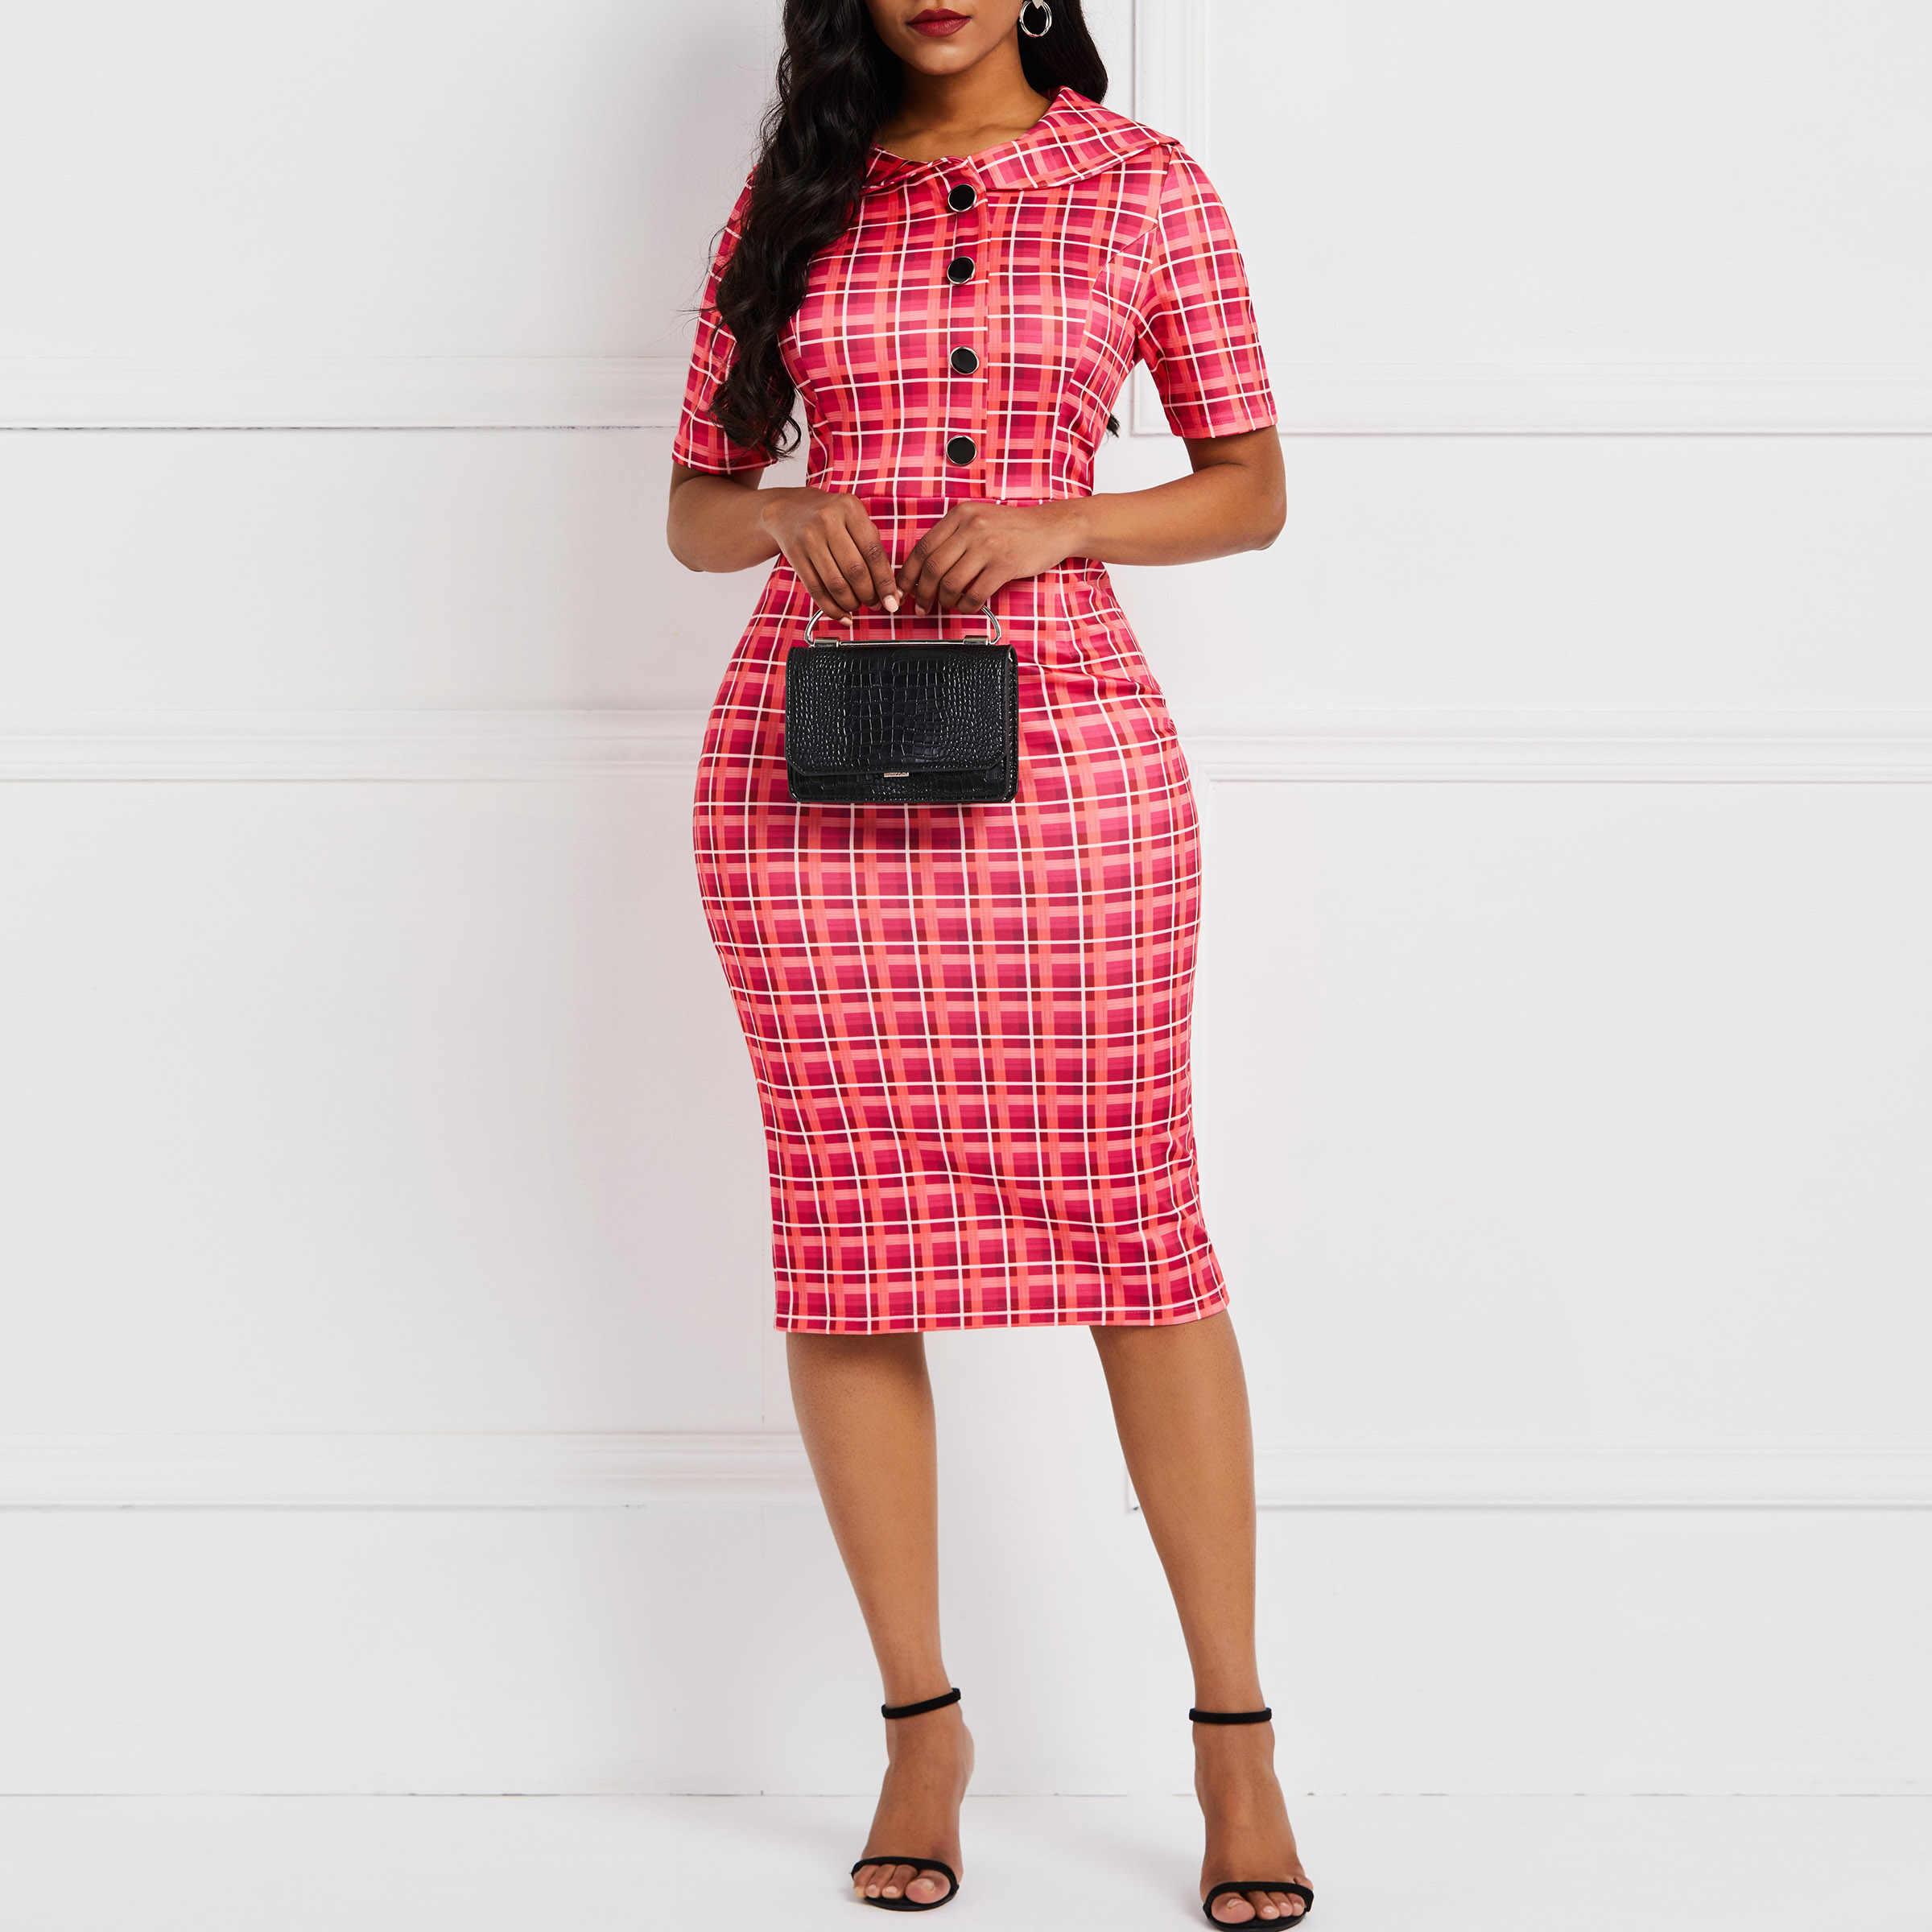 Клетчатые женские обтягивающие платья с принтом пикантные винтажные модные уличные элегантные женские летние повседневные офисные платья